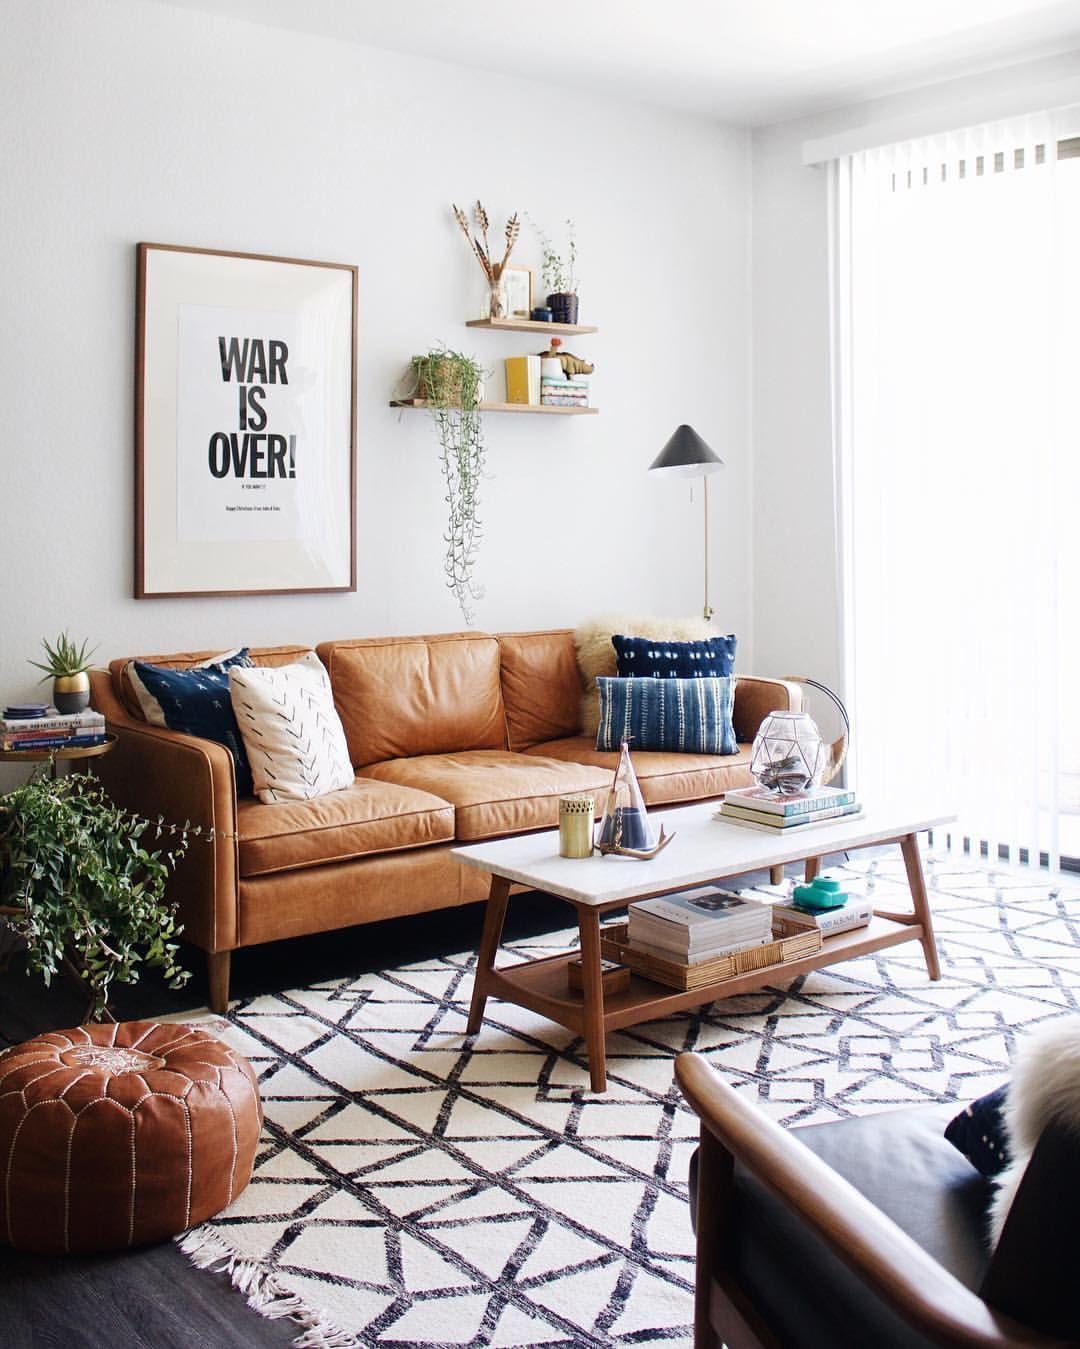 6 Amazing Living Room Wall Decor Ideas Uyutnaya Gostinaya Sovremennaya Gostinaya Korichnevye Gostinnye